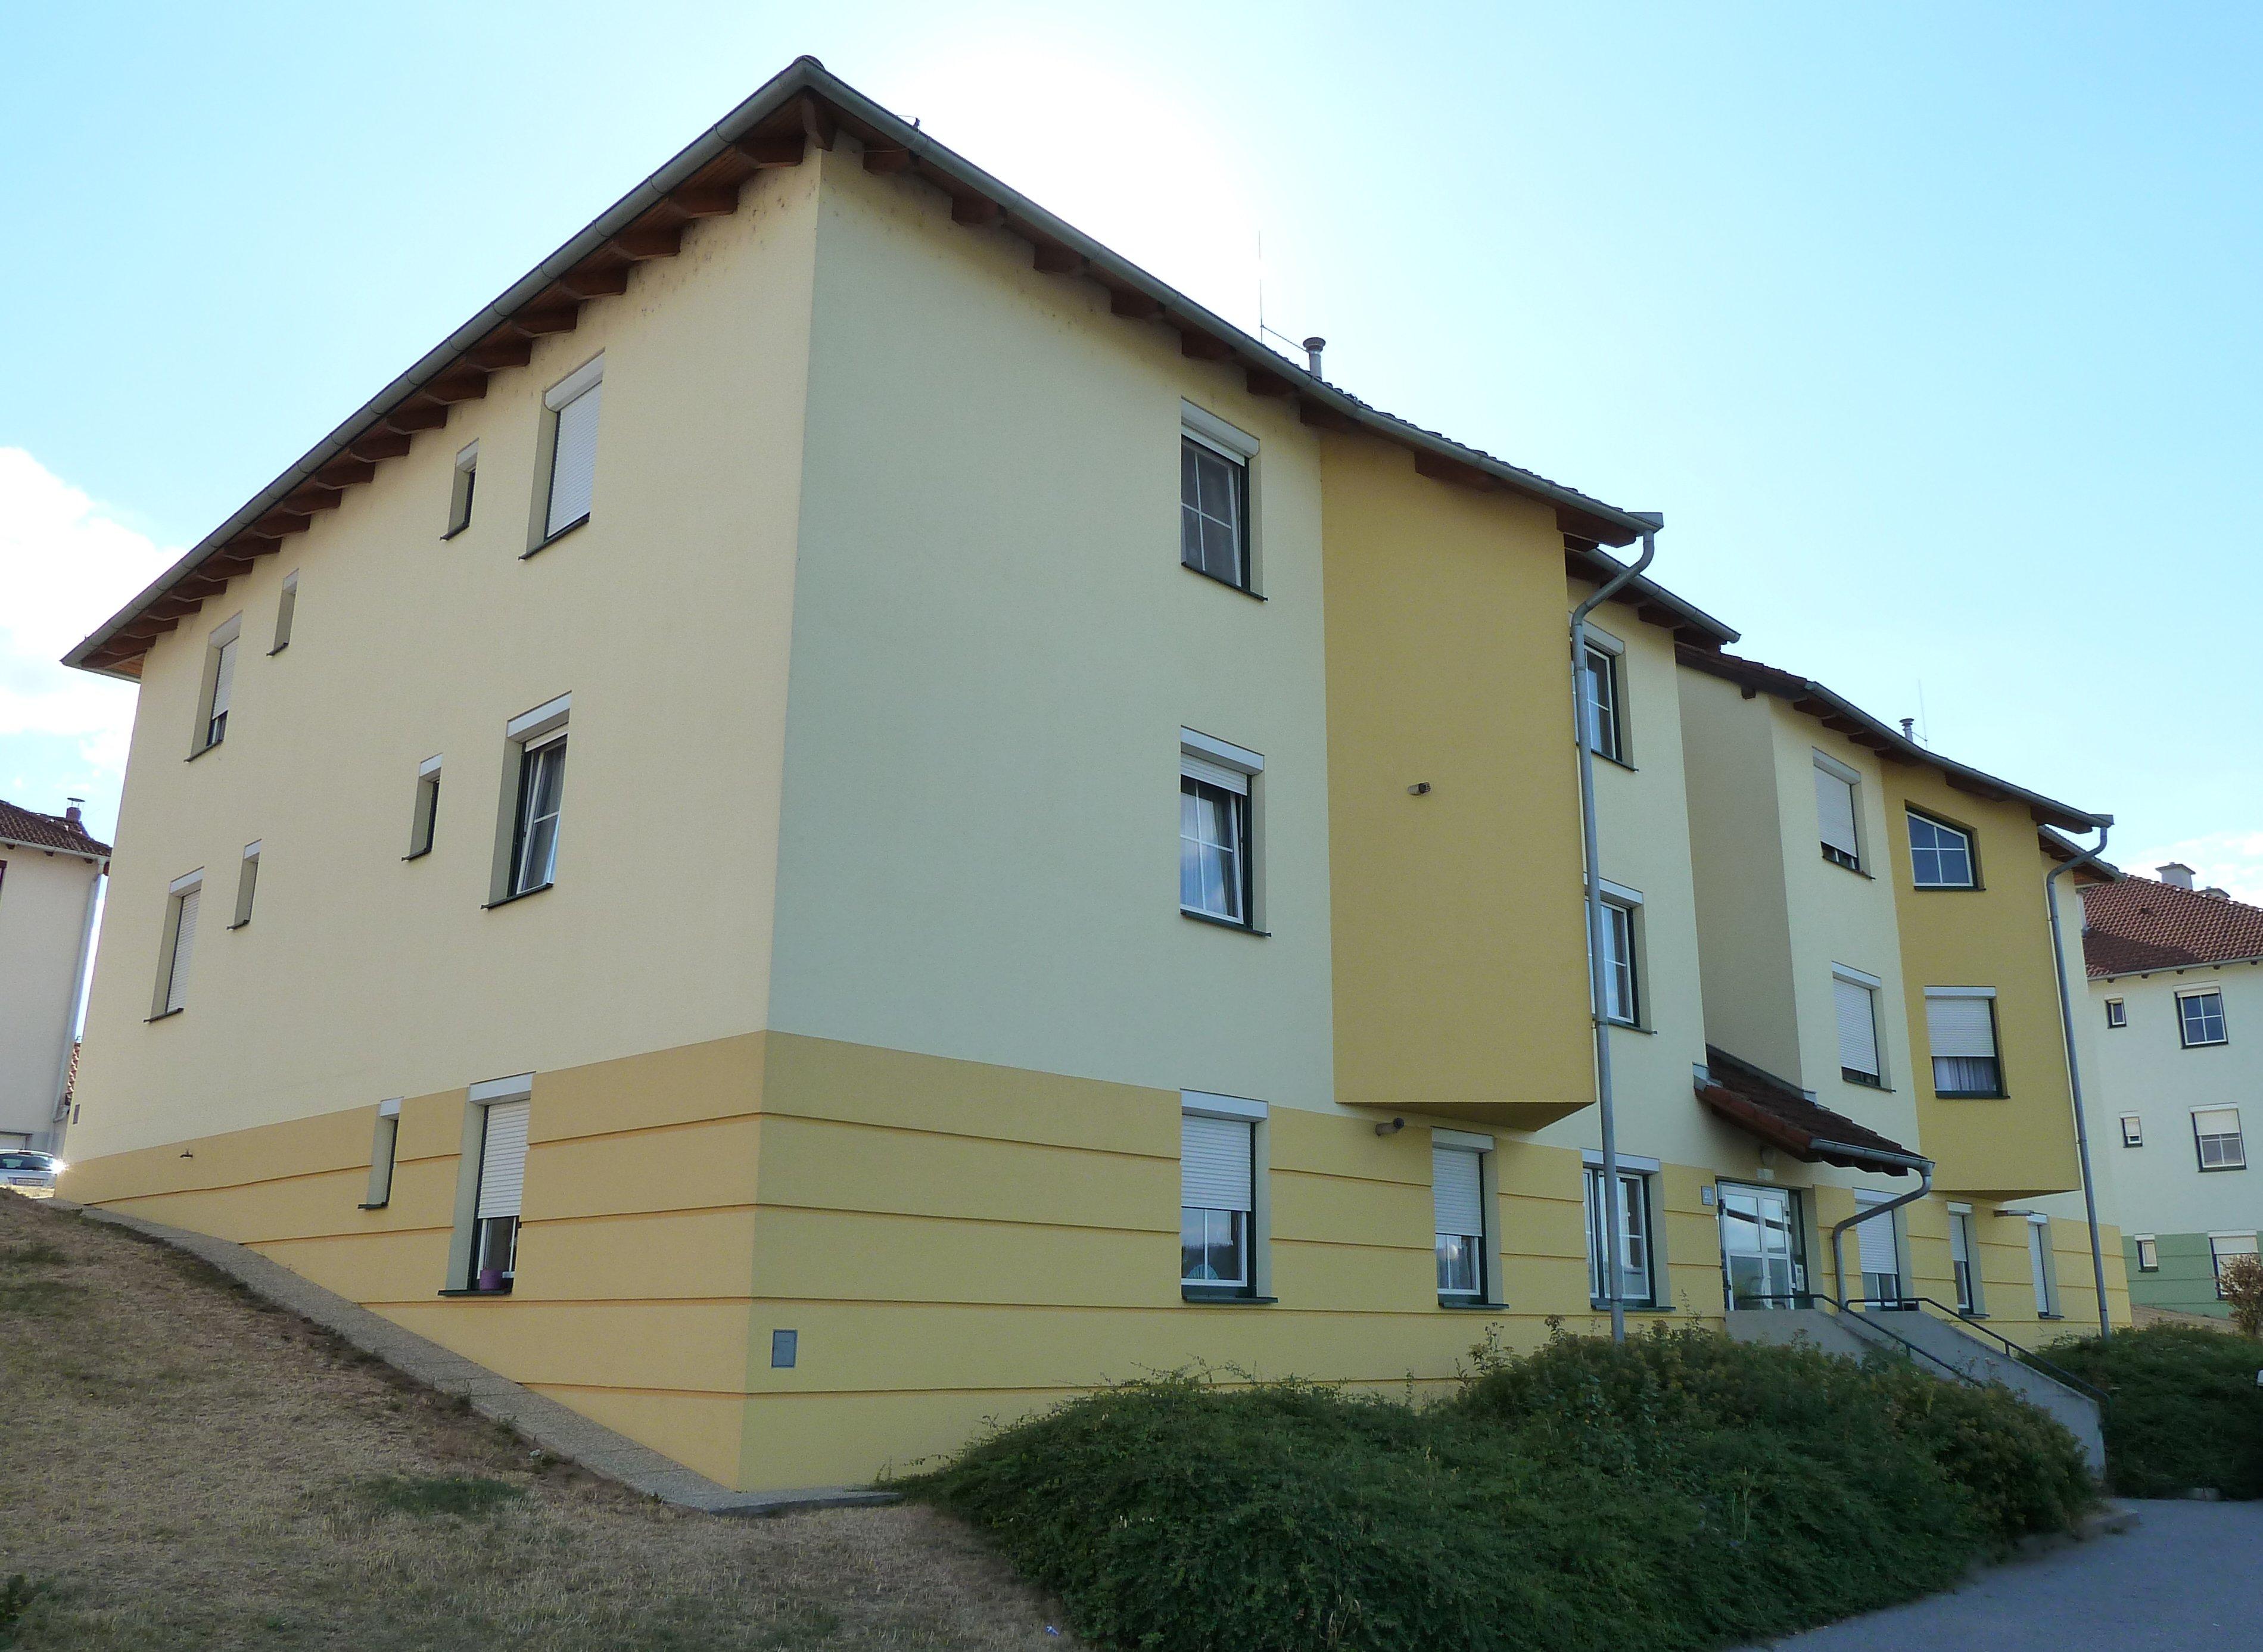 Immobilie von Kamptal in 3580 Horn, Horn, Horn III - Top B7 #0